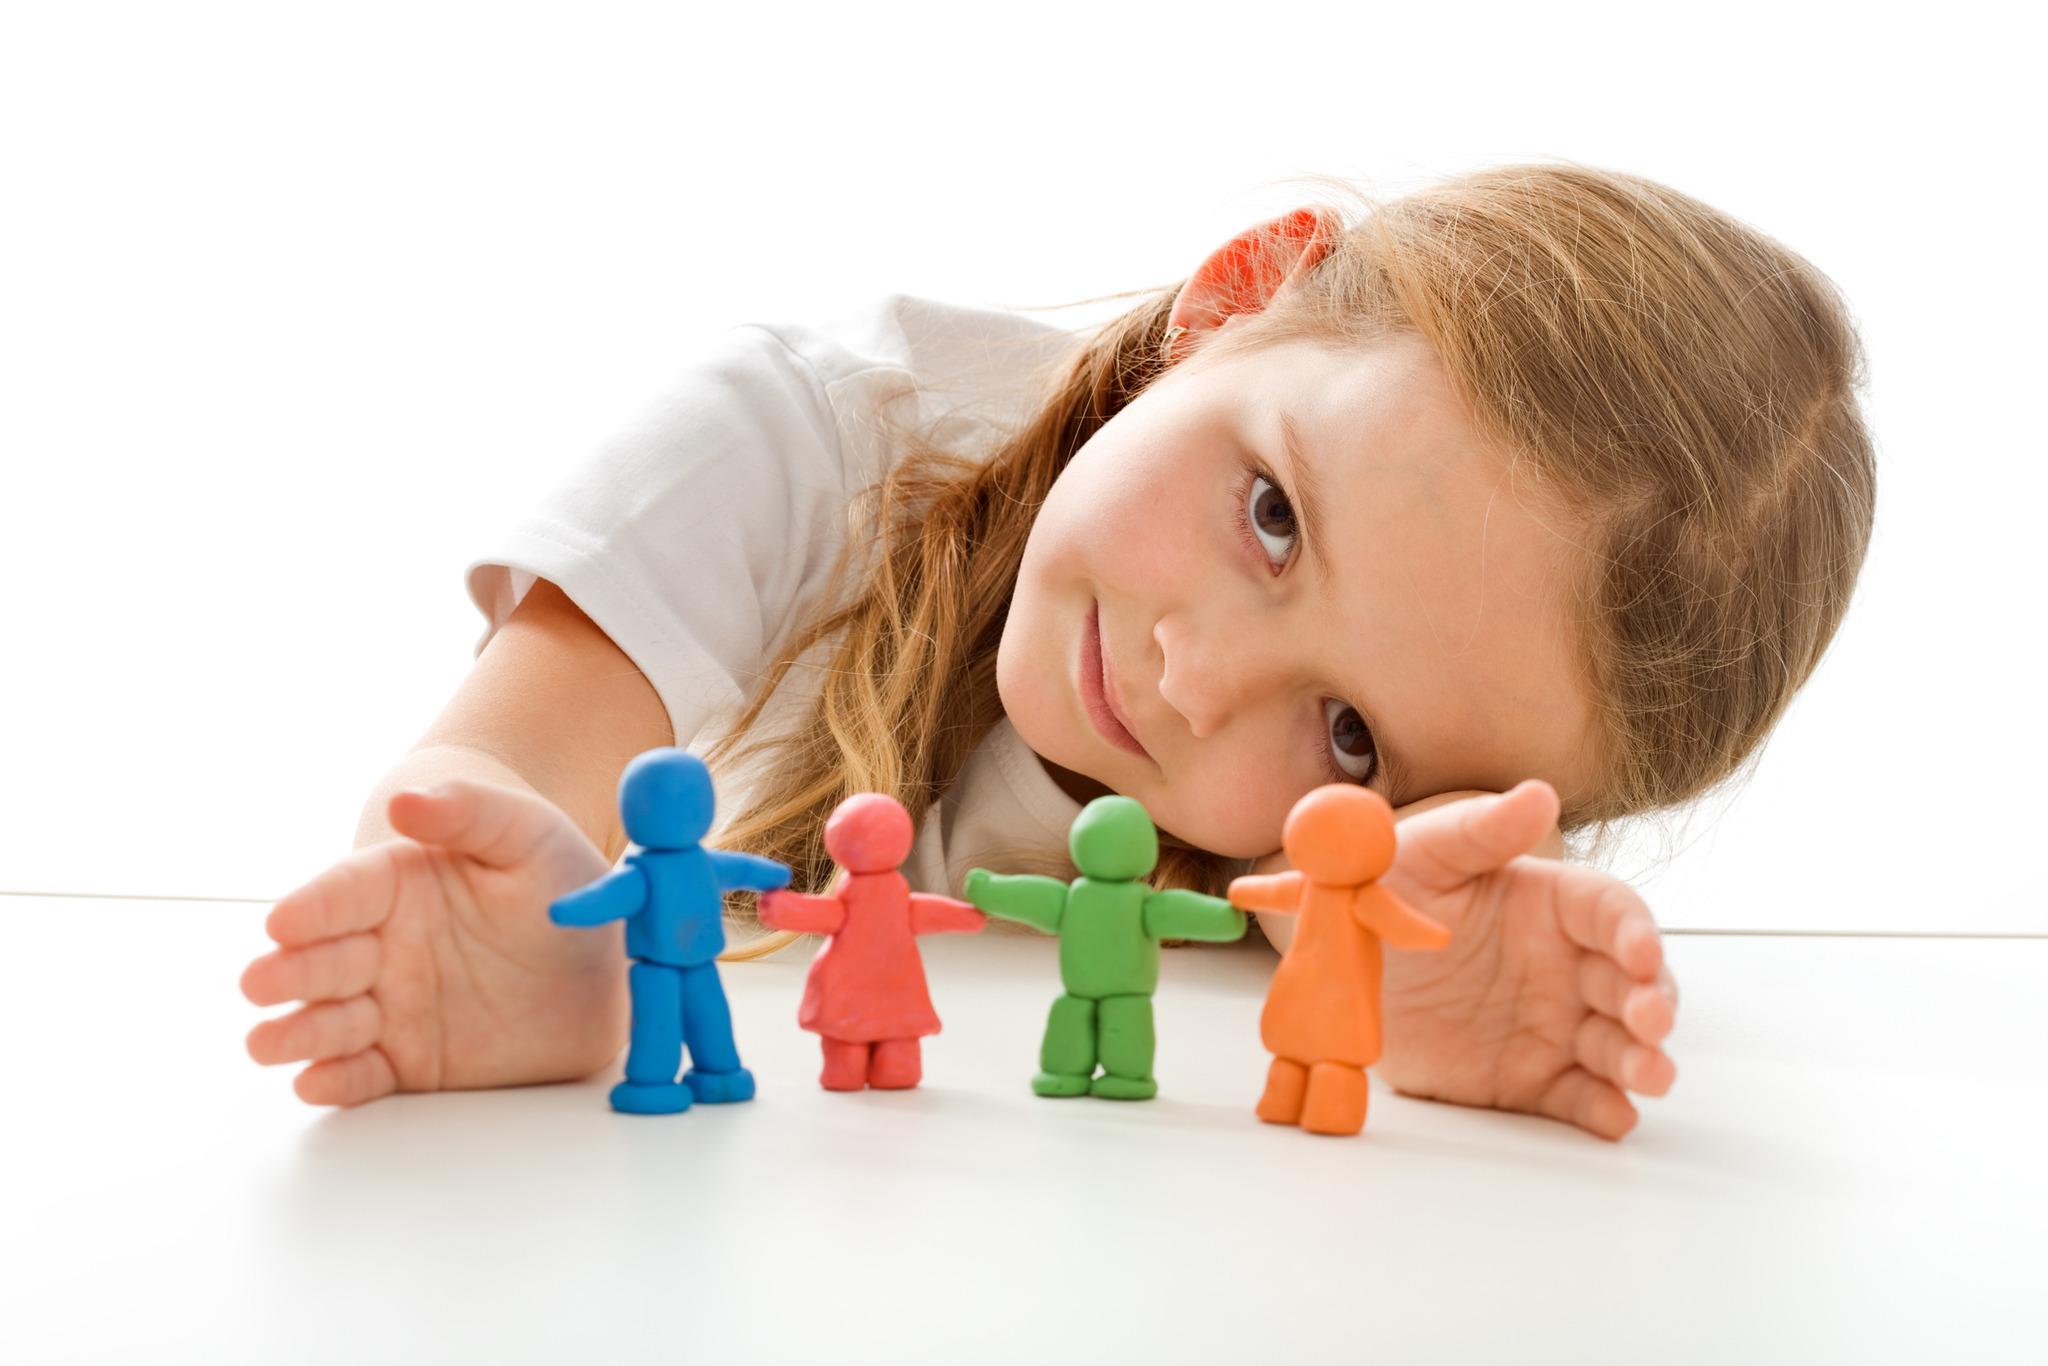 Ethik eines erwachsenen aus einem minderjährigen